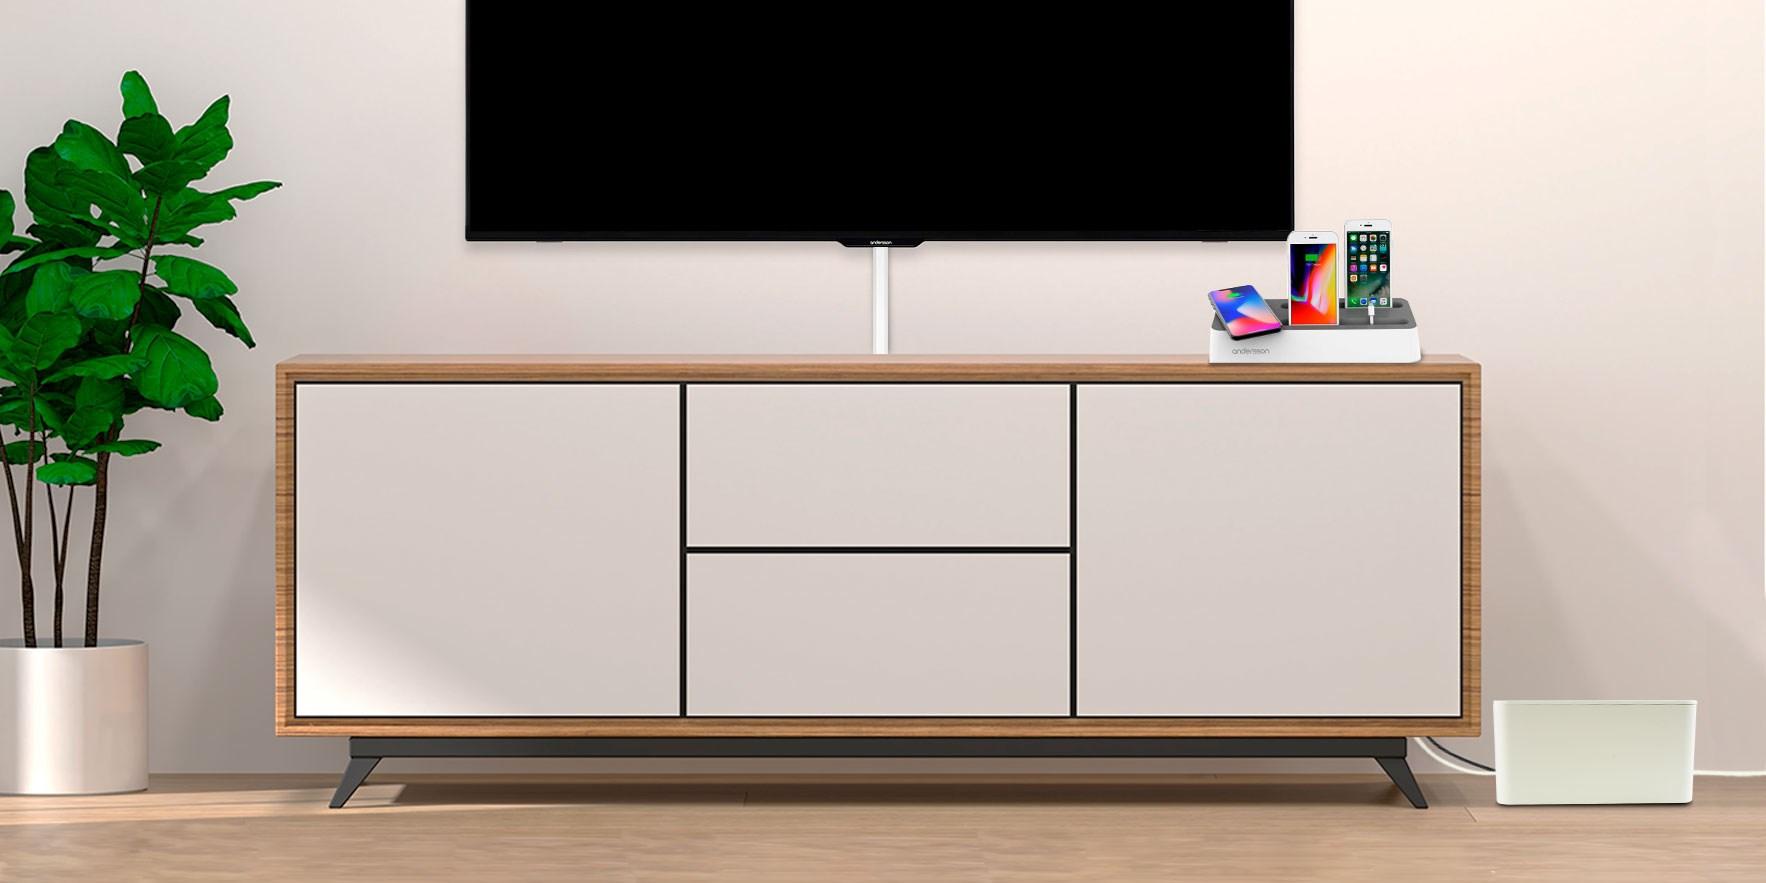 Se produkter för kabelhantering vardagsrum